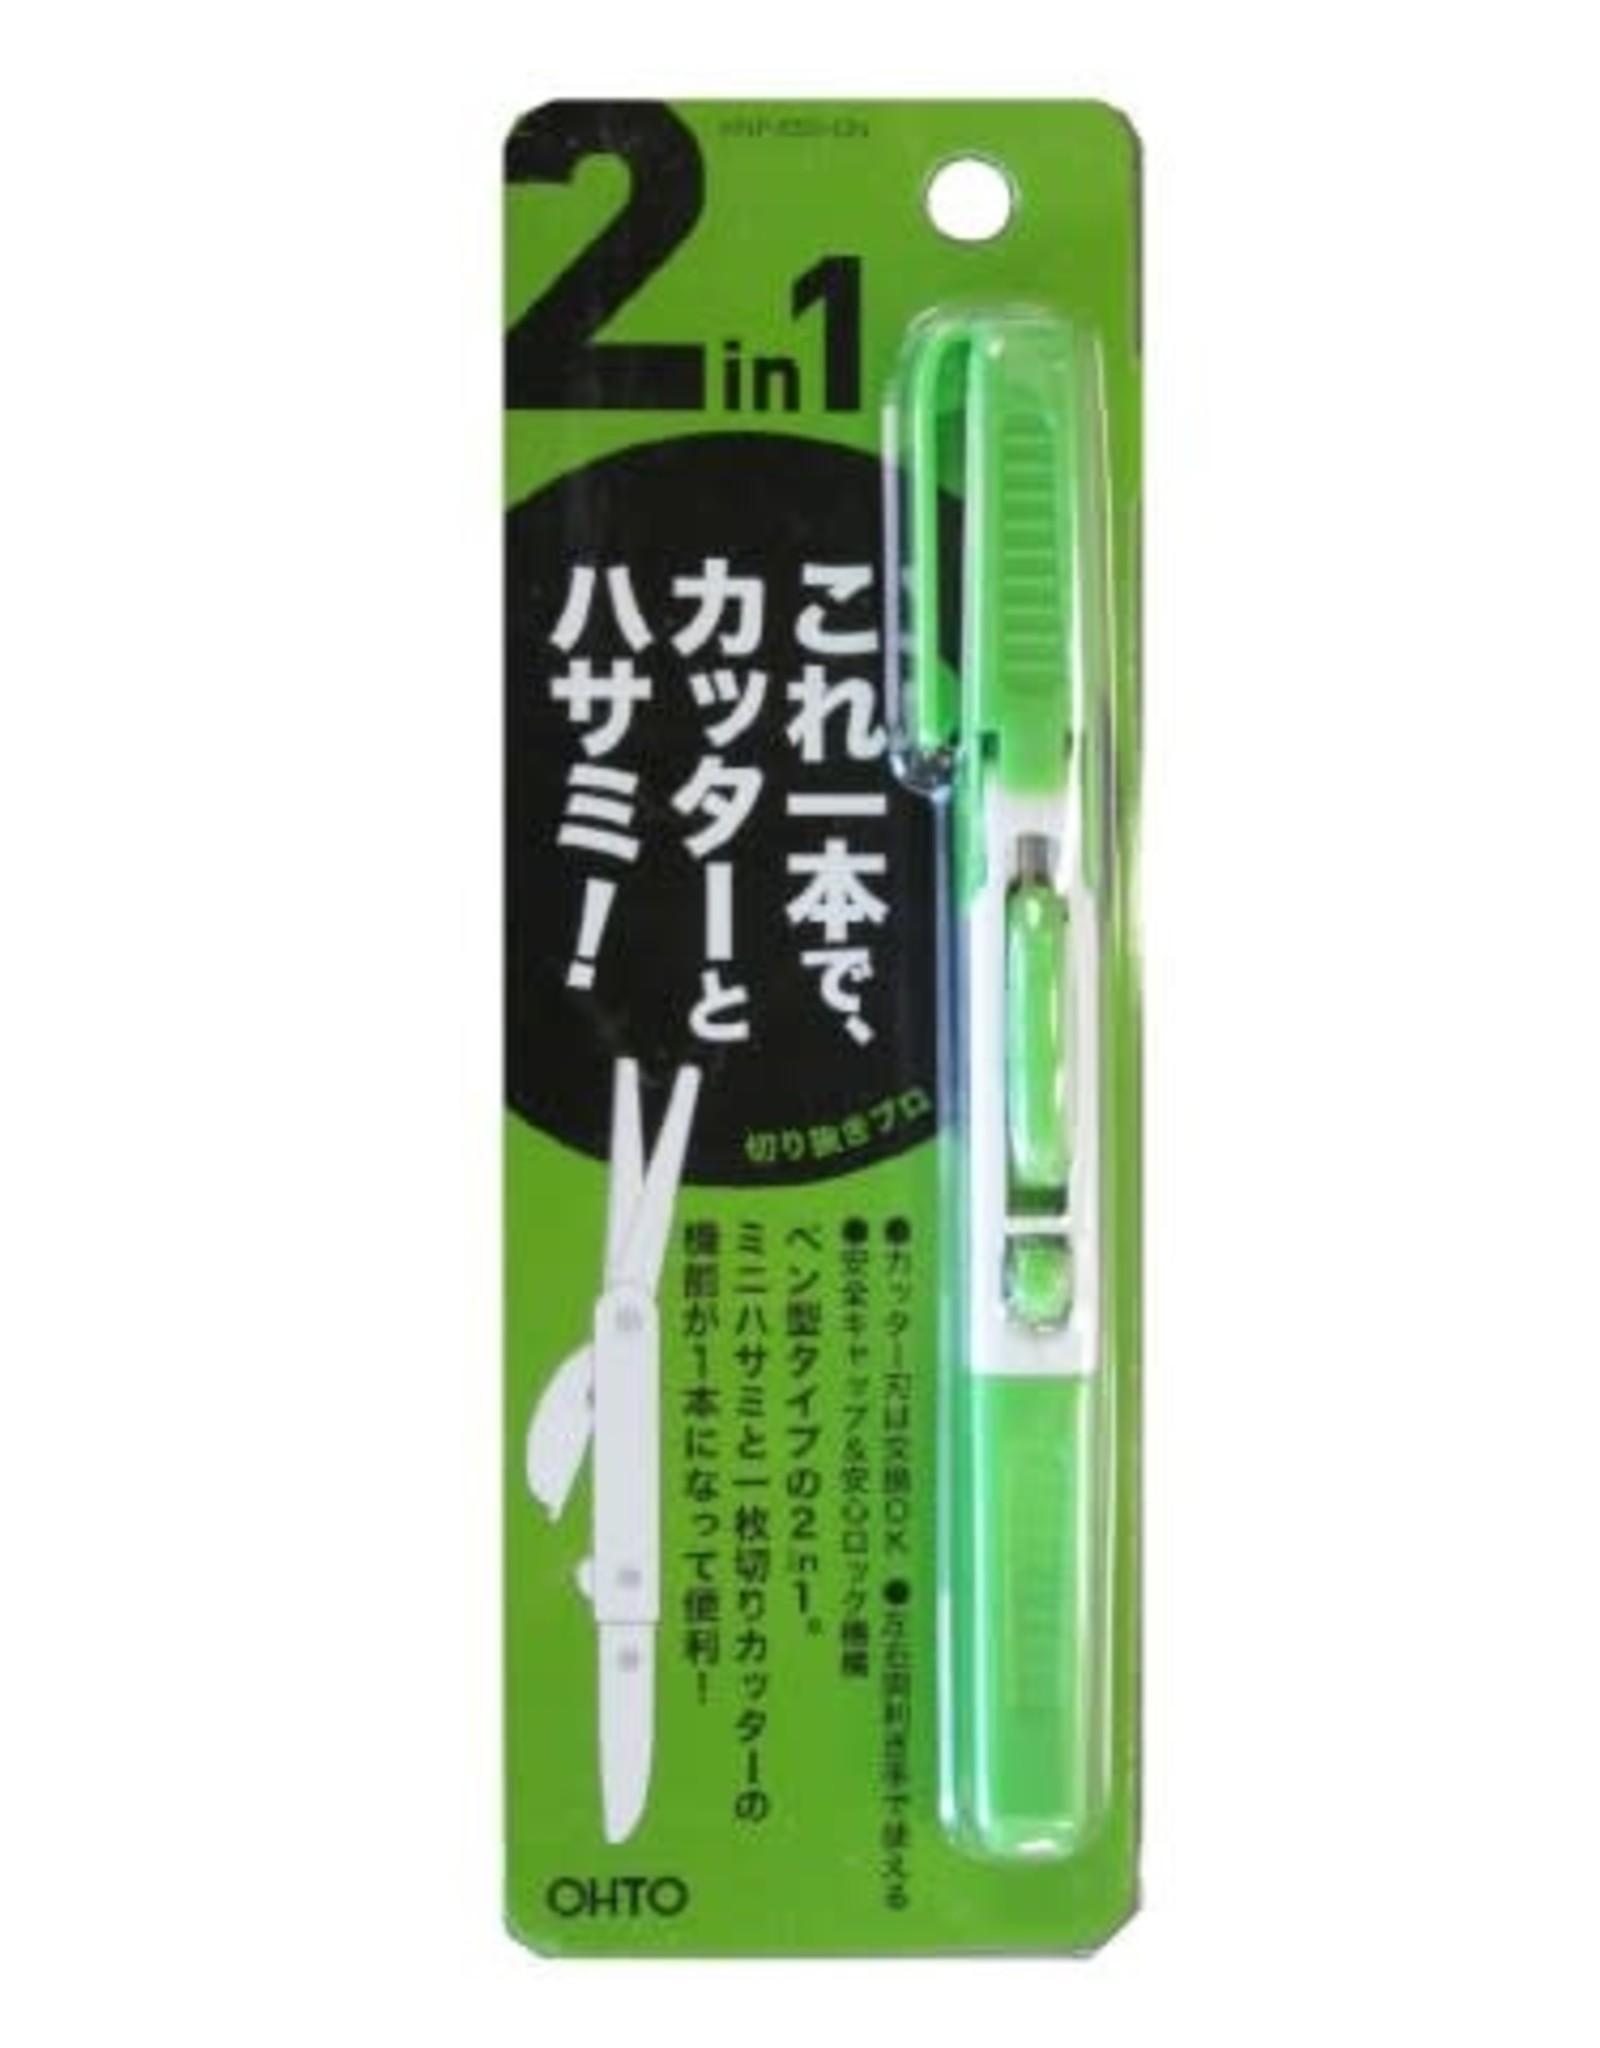 Ohto 2 In 1 Cutter & Scissors